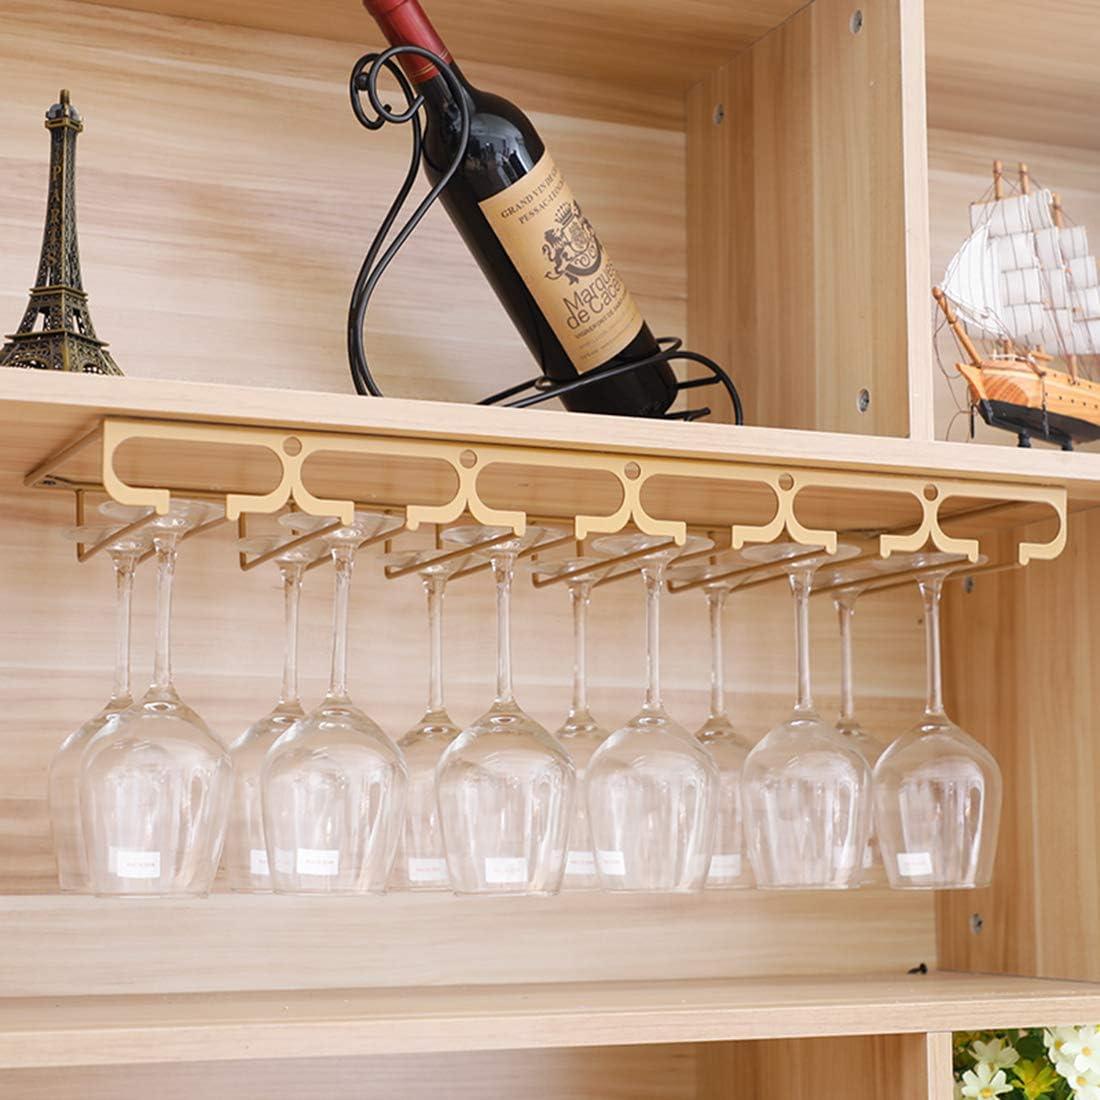 Doro Portabicchieri per 6-9 Bicchieri Supporto Bicchieri da Vino per Cucina da Bar Matuke Portabicchieri A Sospensione Porta Calici di Vino con 3 Binari